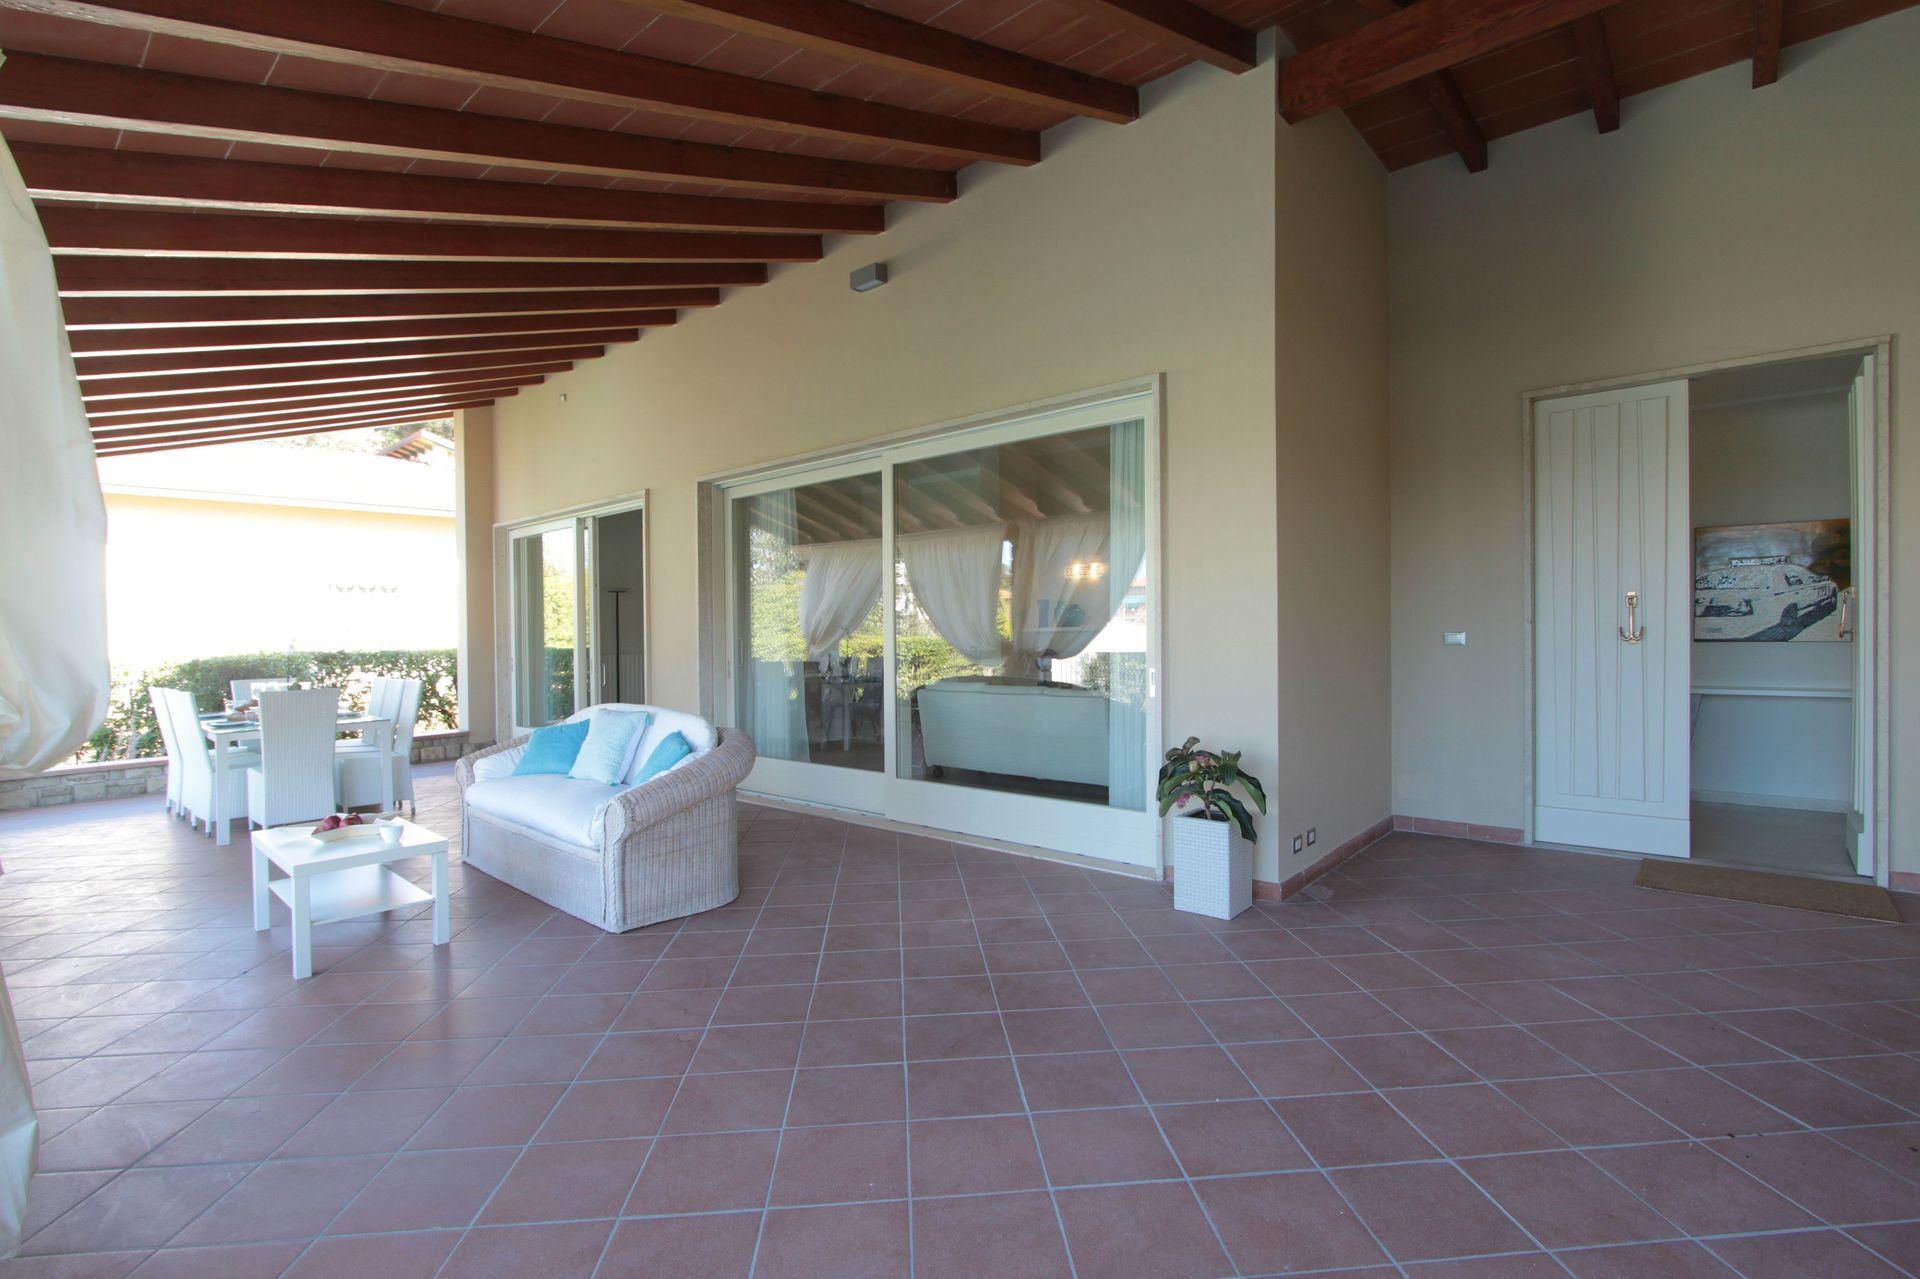 lido di camaiore holiday rental villa della diva located tuscany